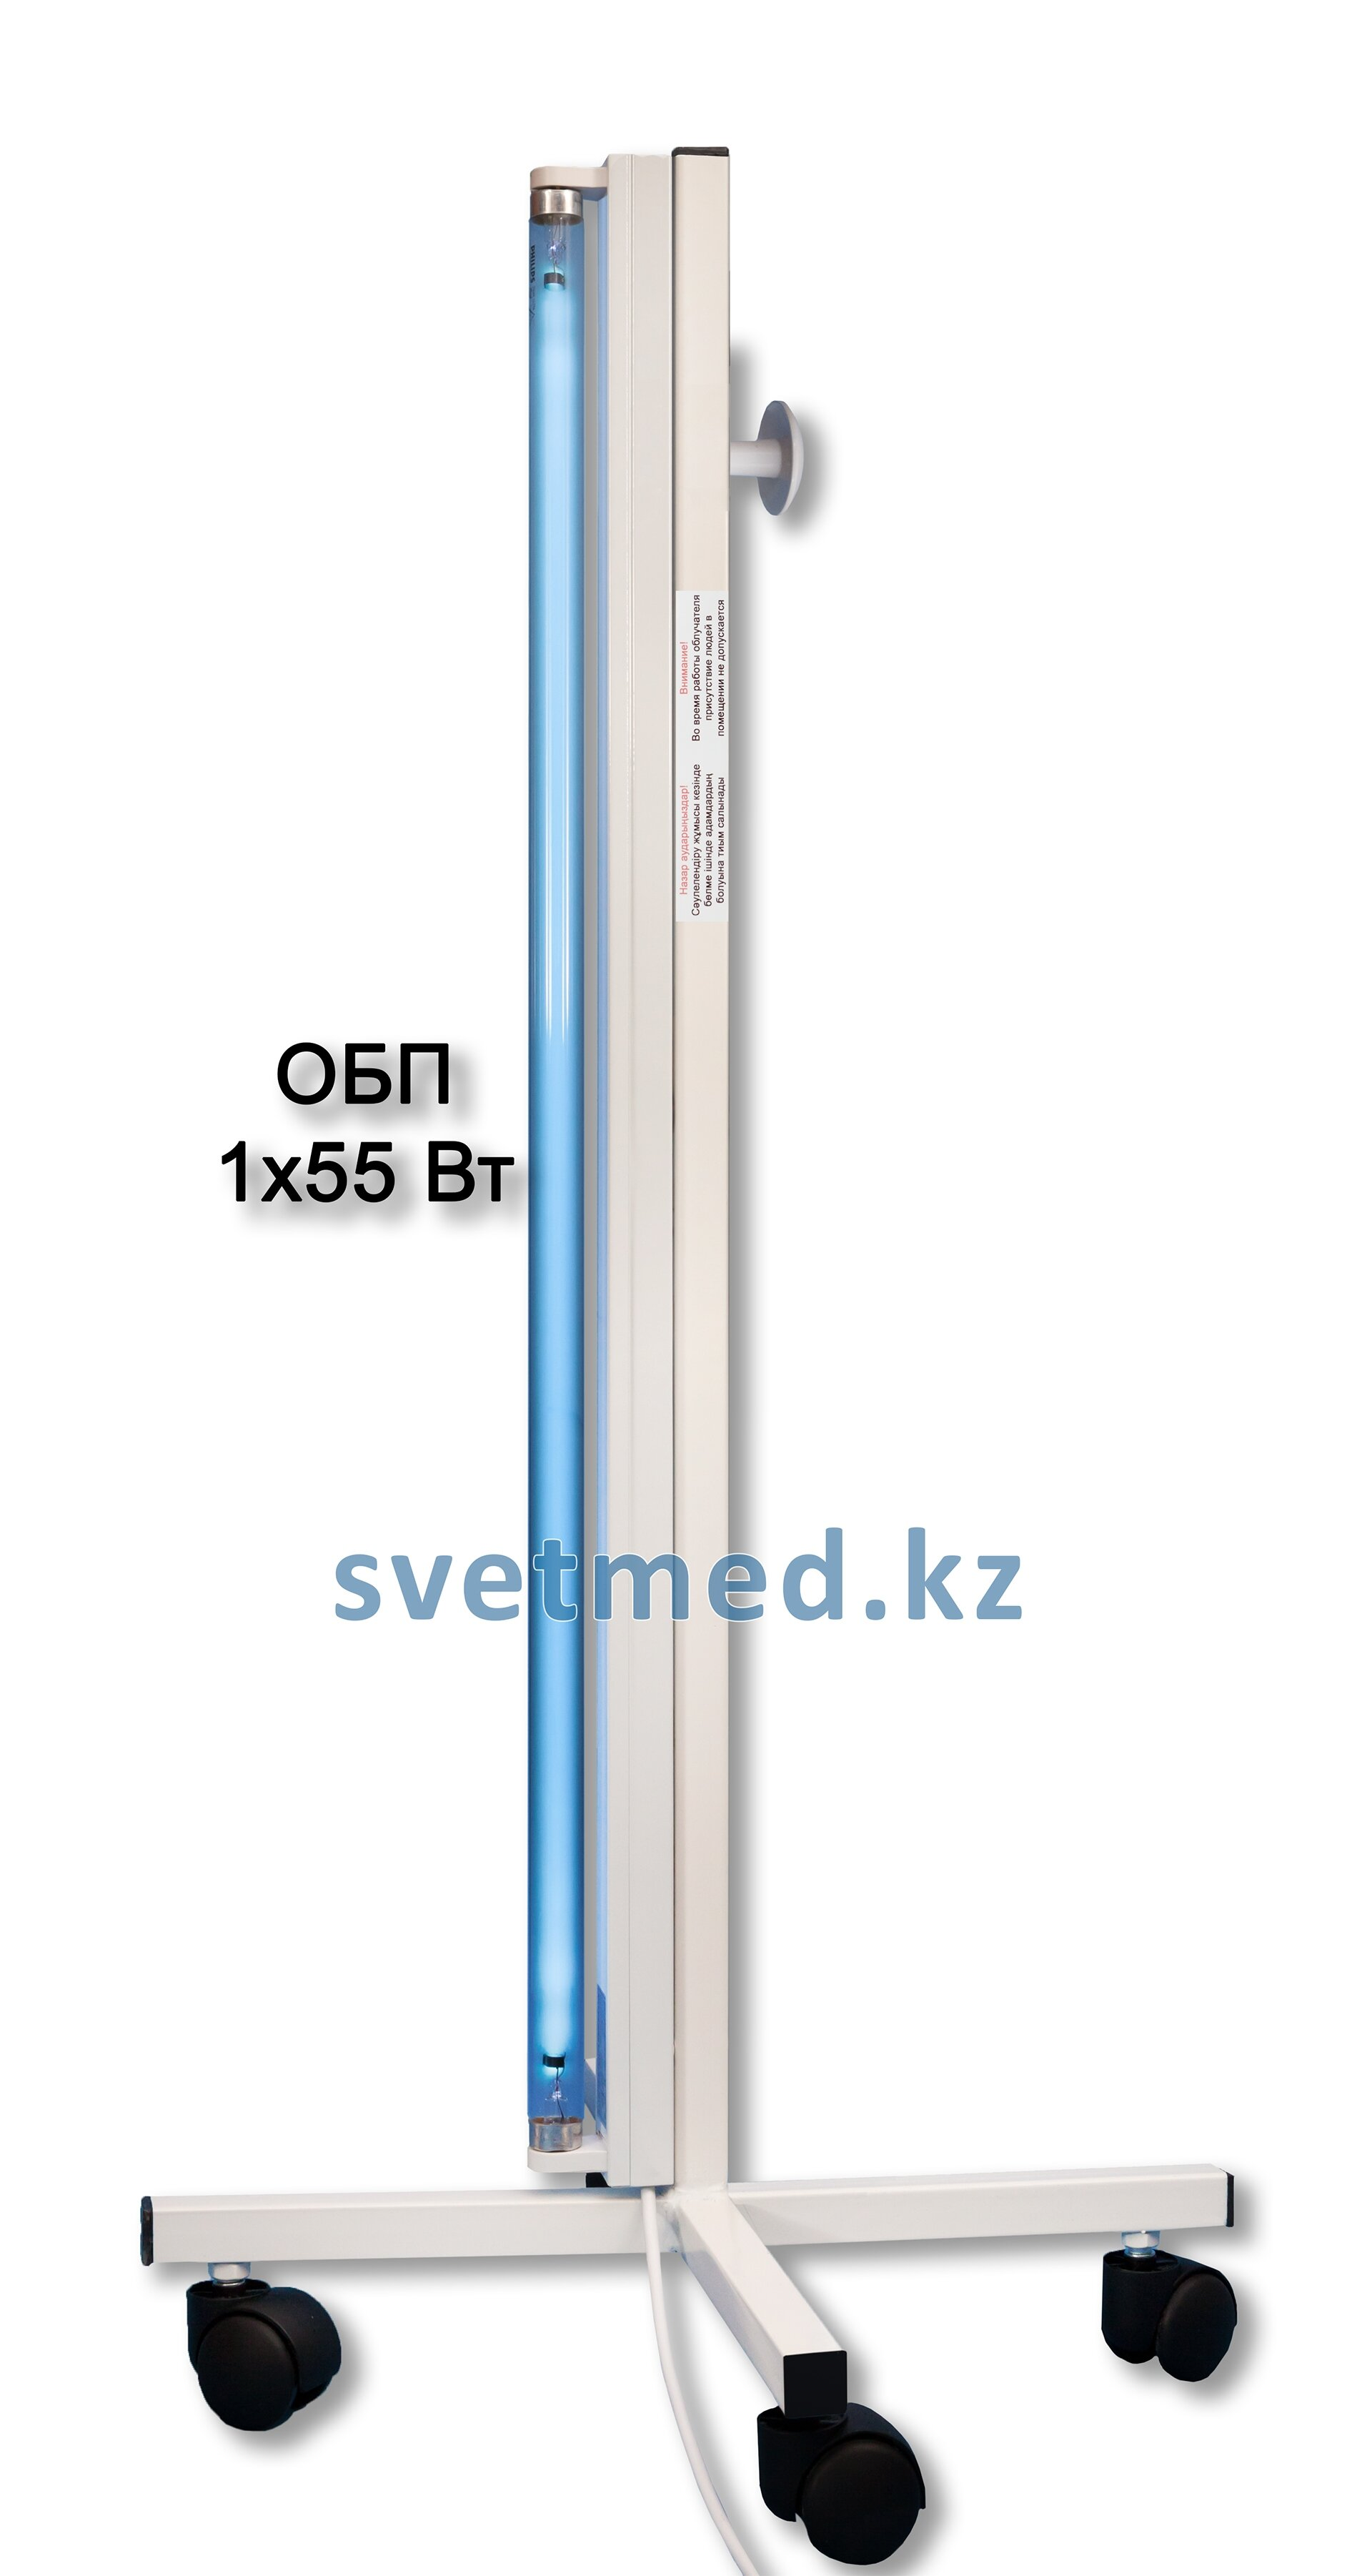 Облучатель бактерицидный передвижной ОБП 1х55 Вт.jpg